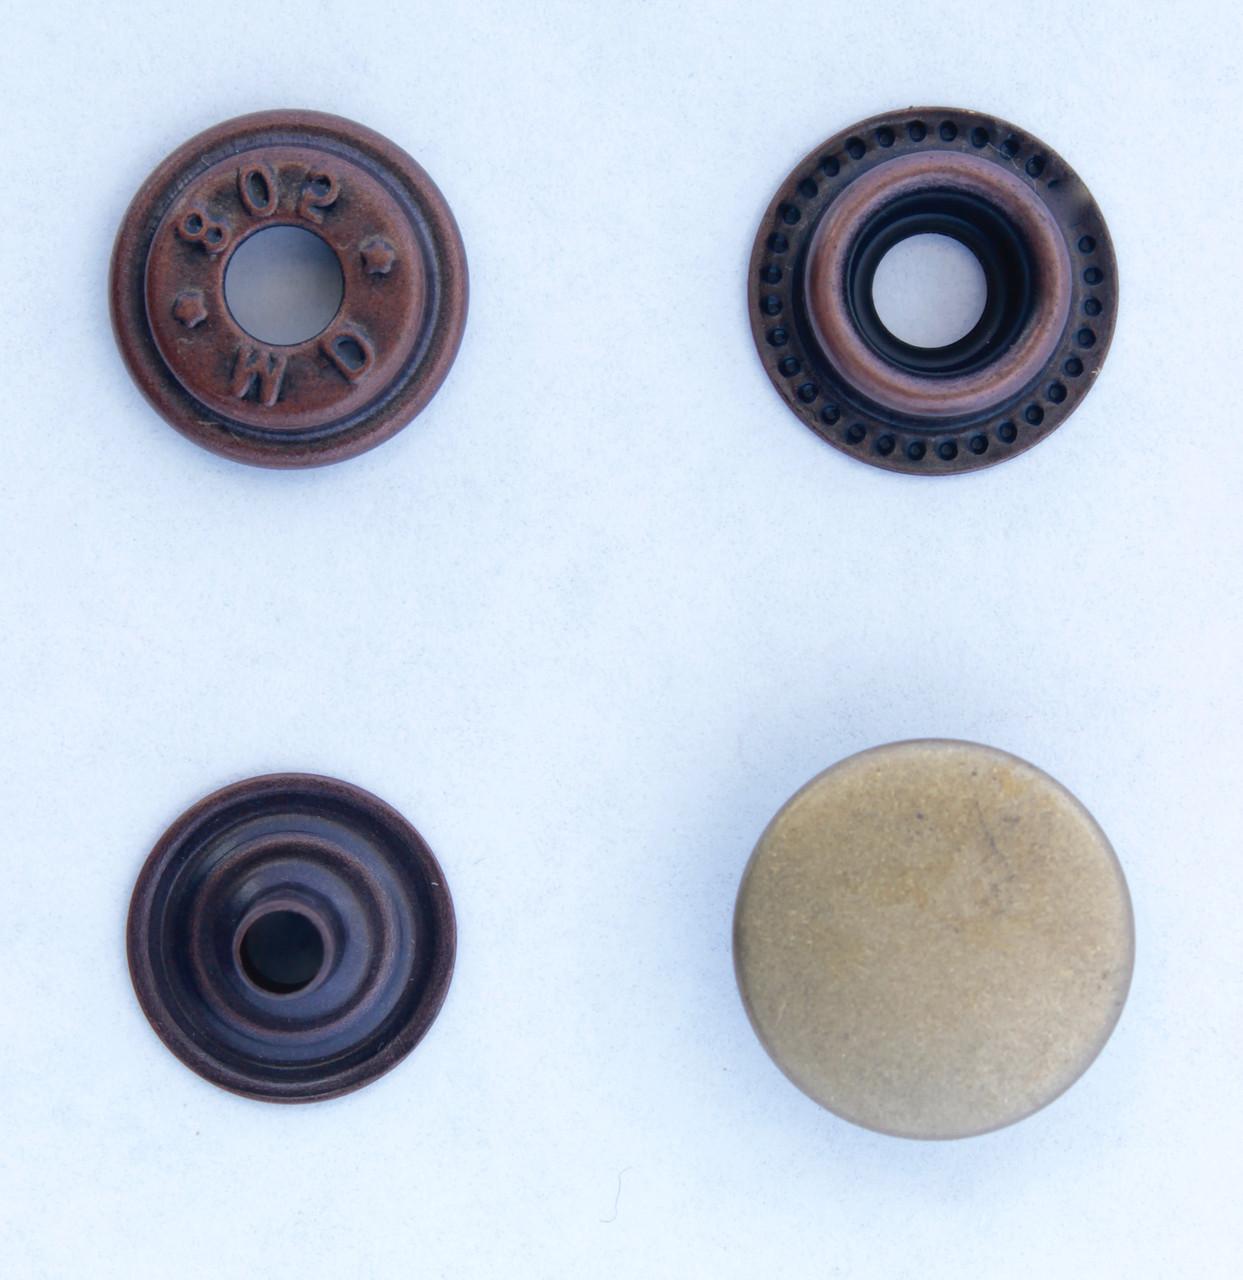 Кнопка каппа, О-образная, Кольцевая 15 мм разные цвета